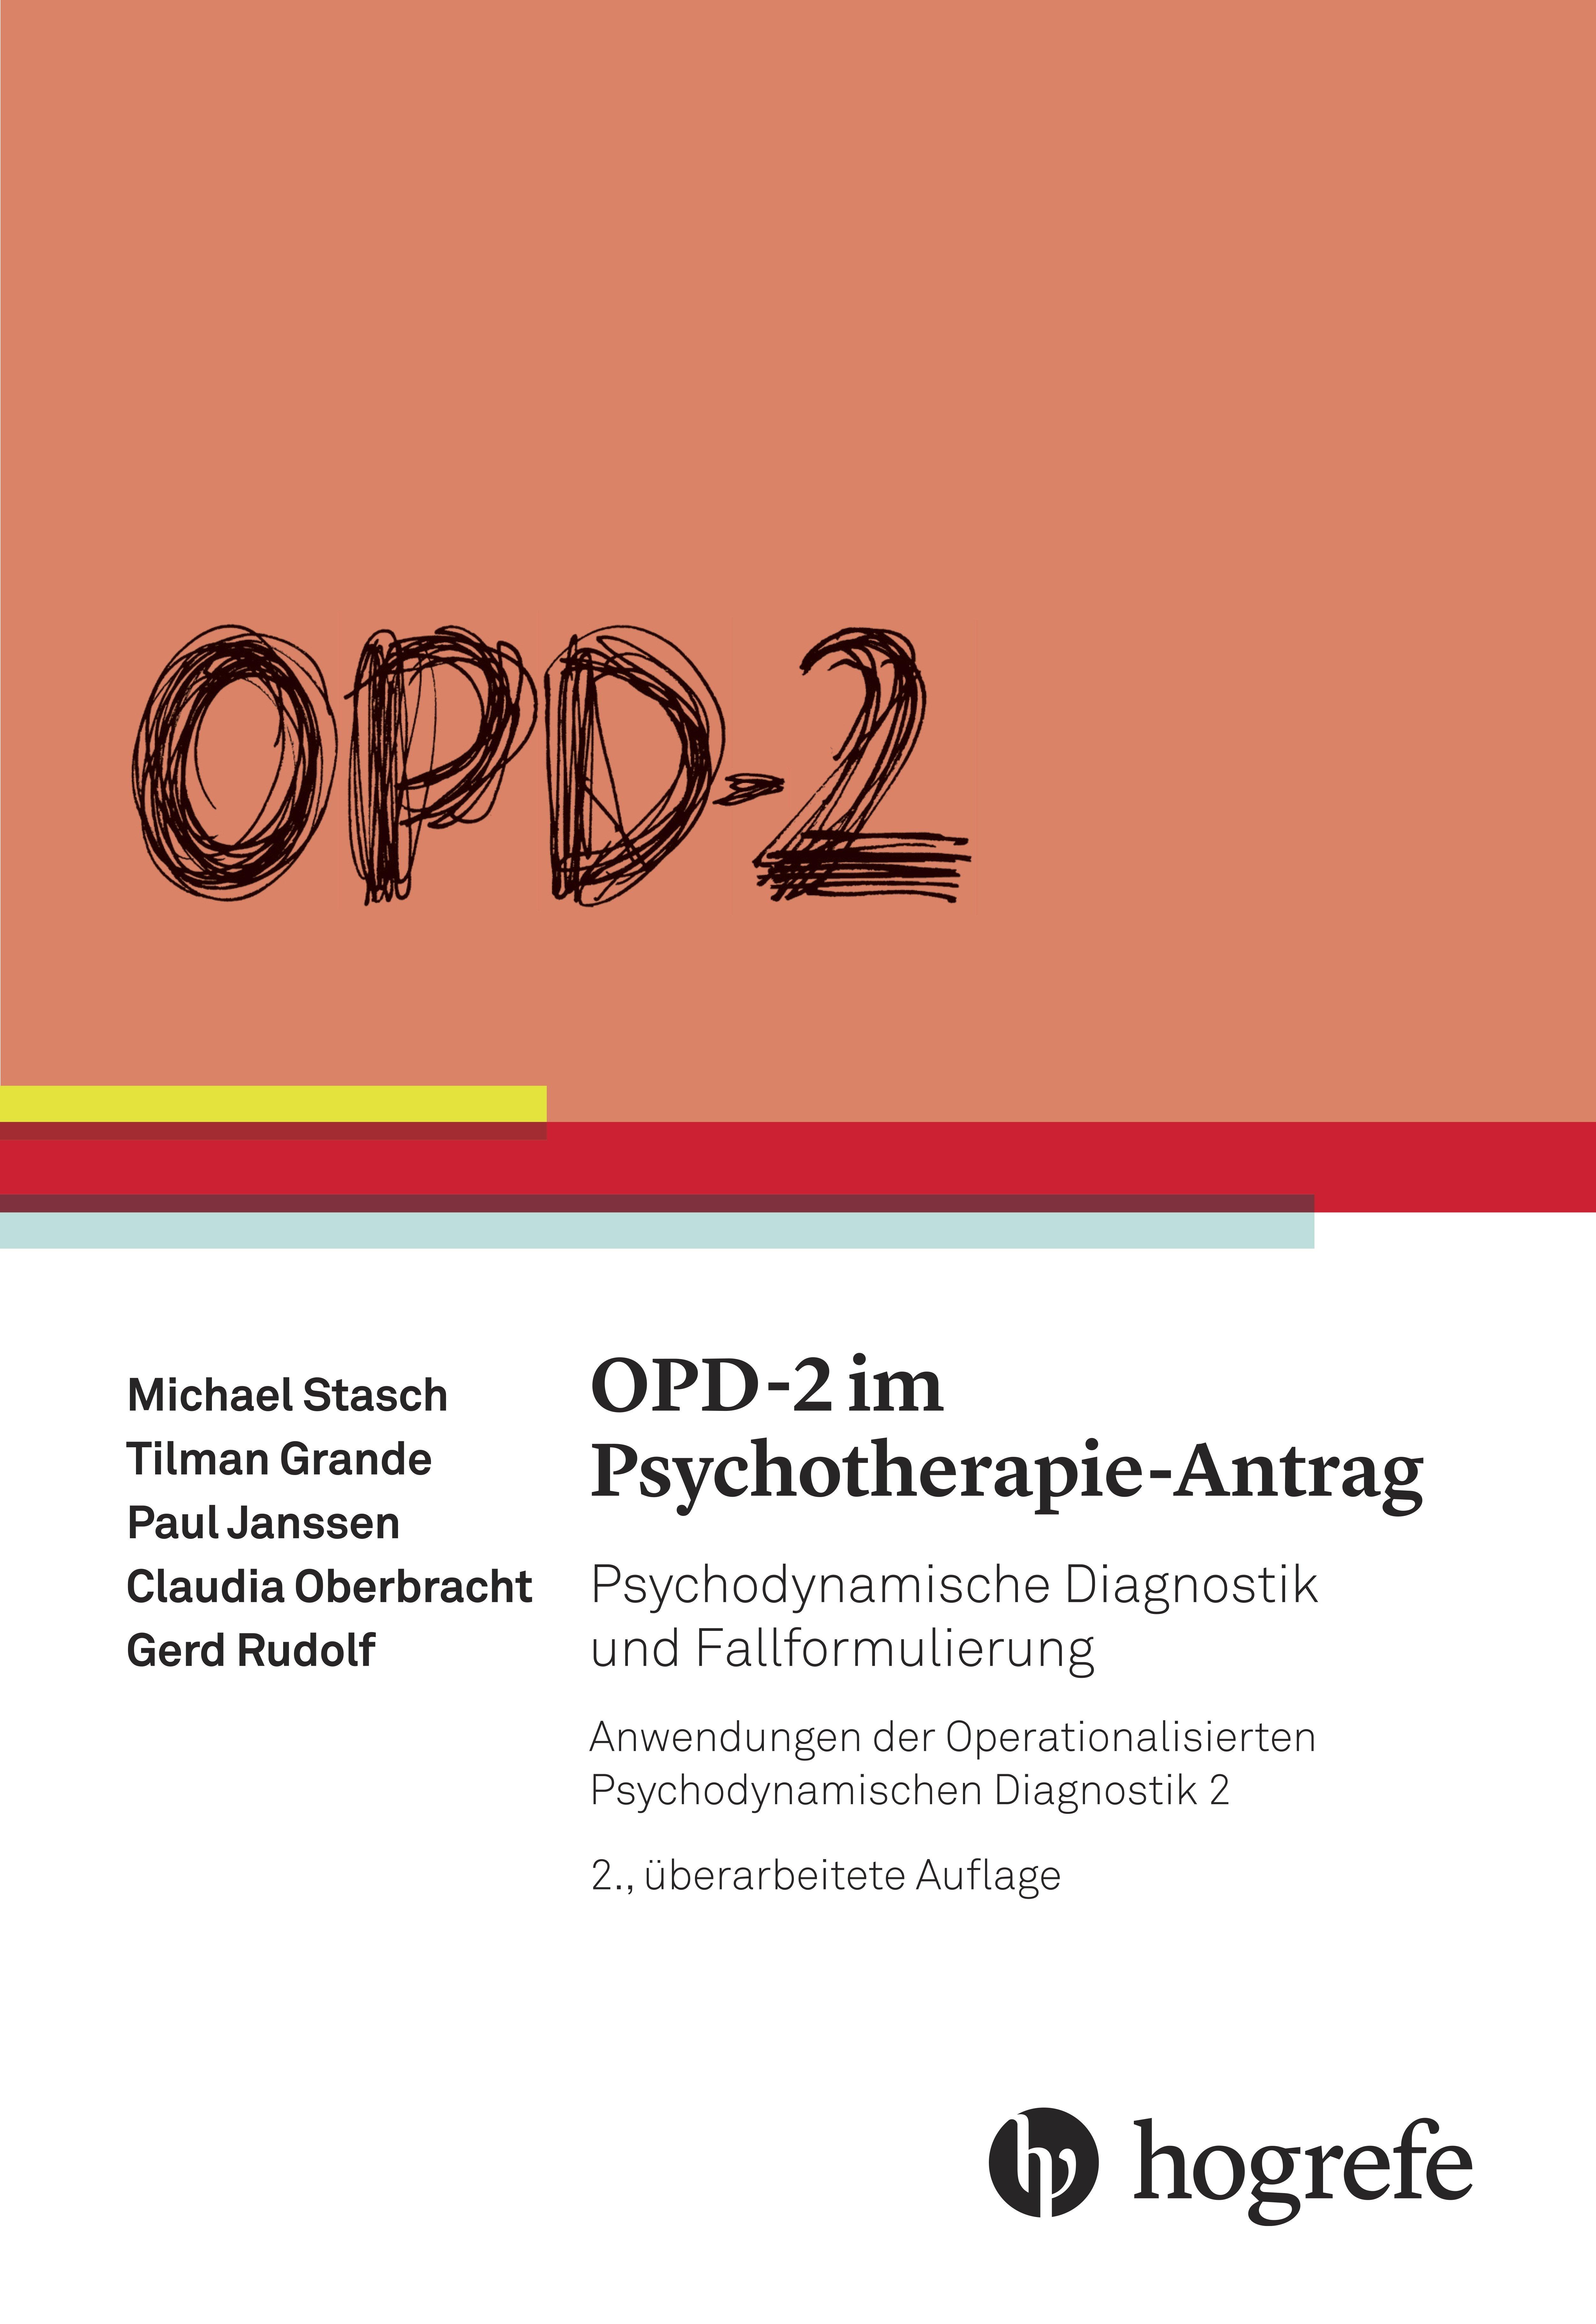 OPD–2 im Psychotherapie-Antrag